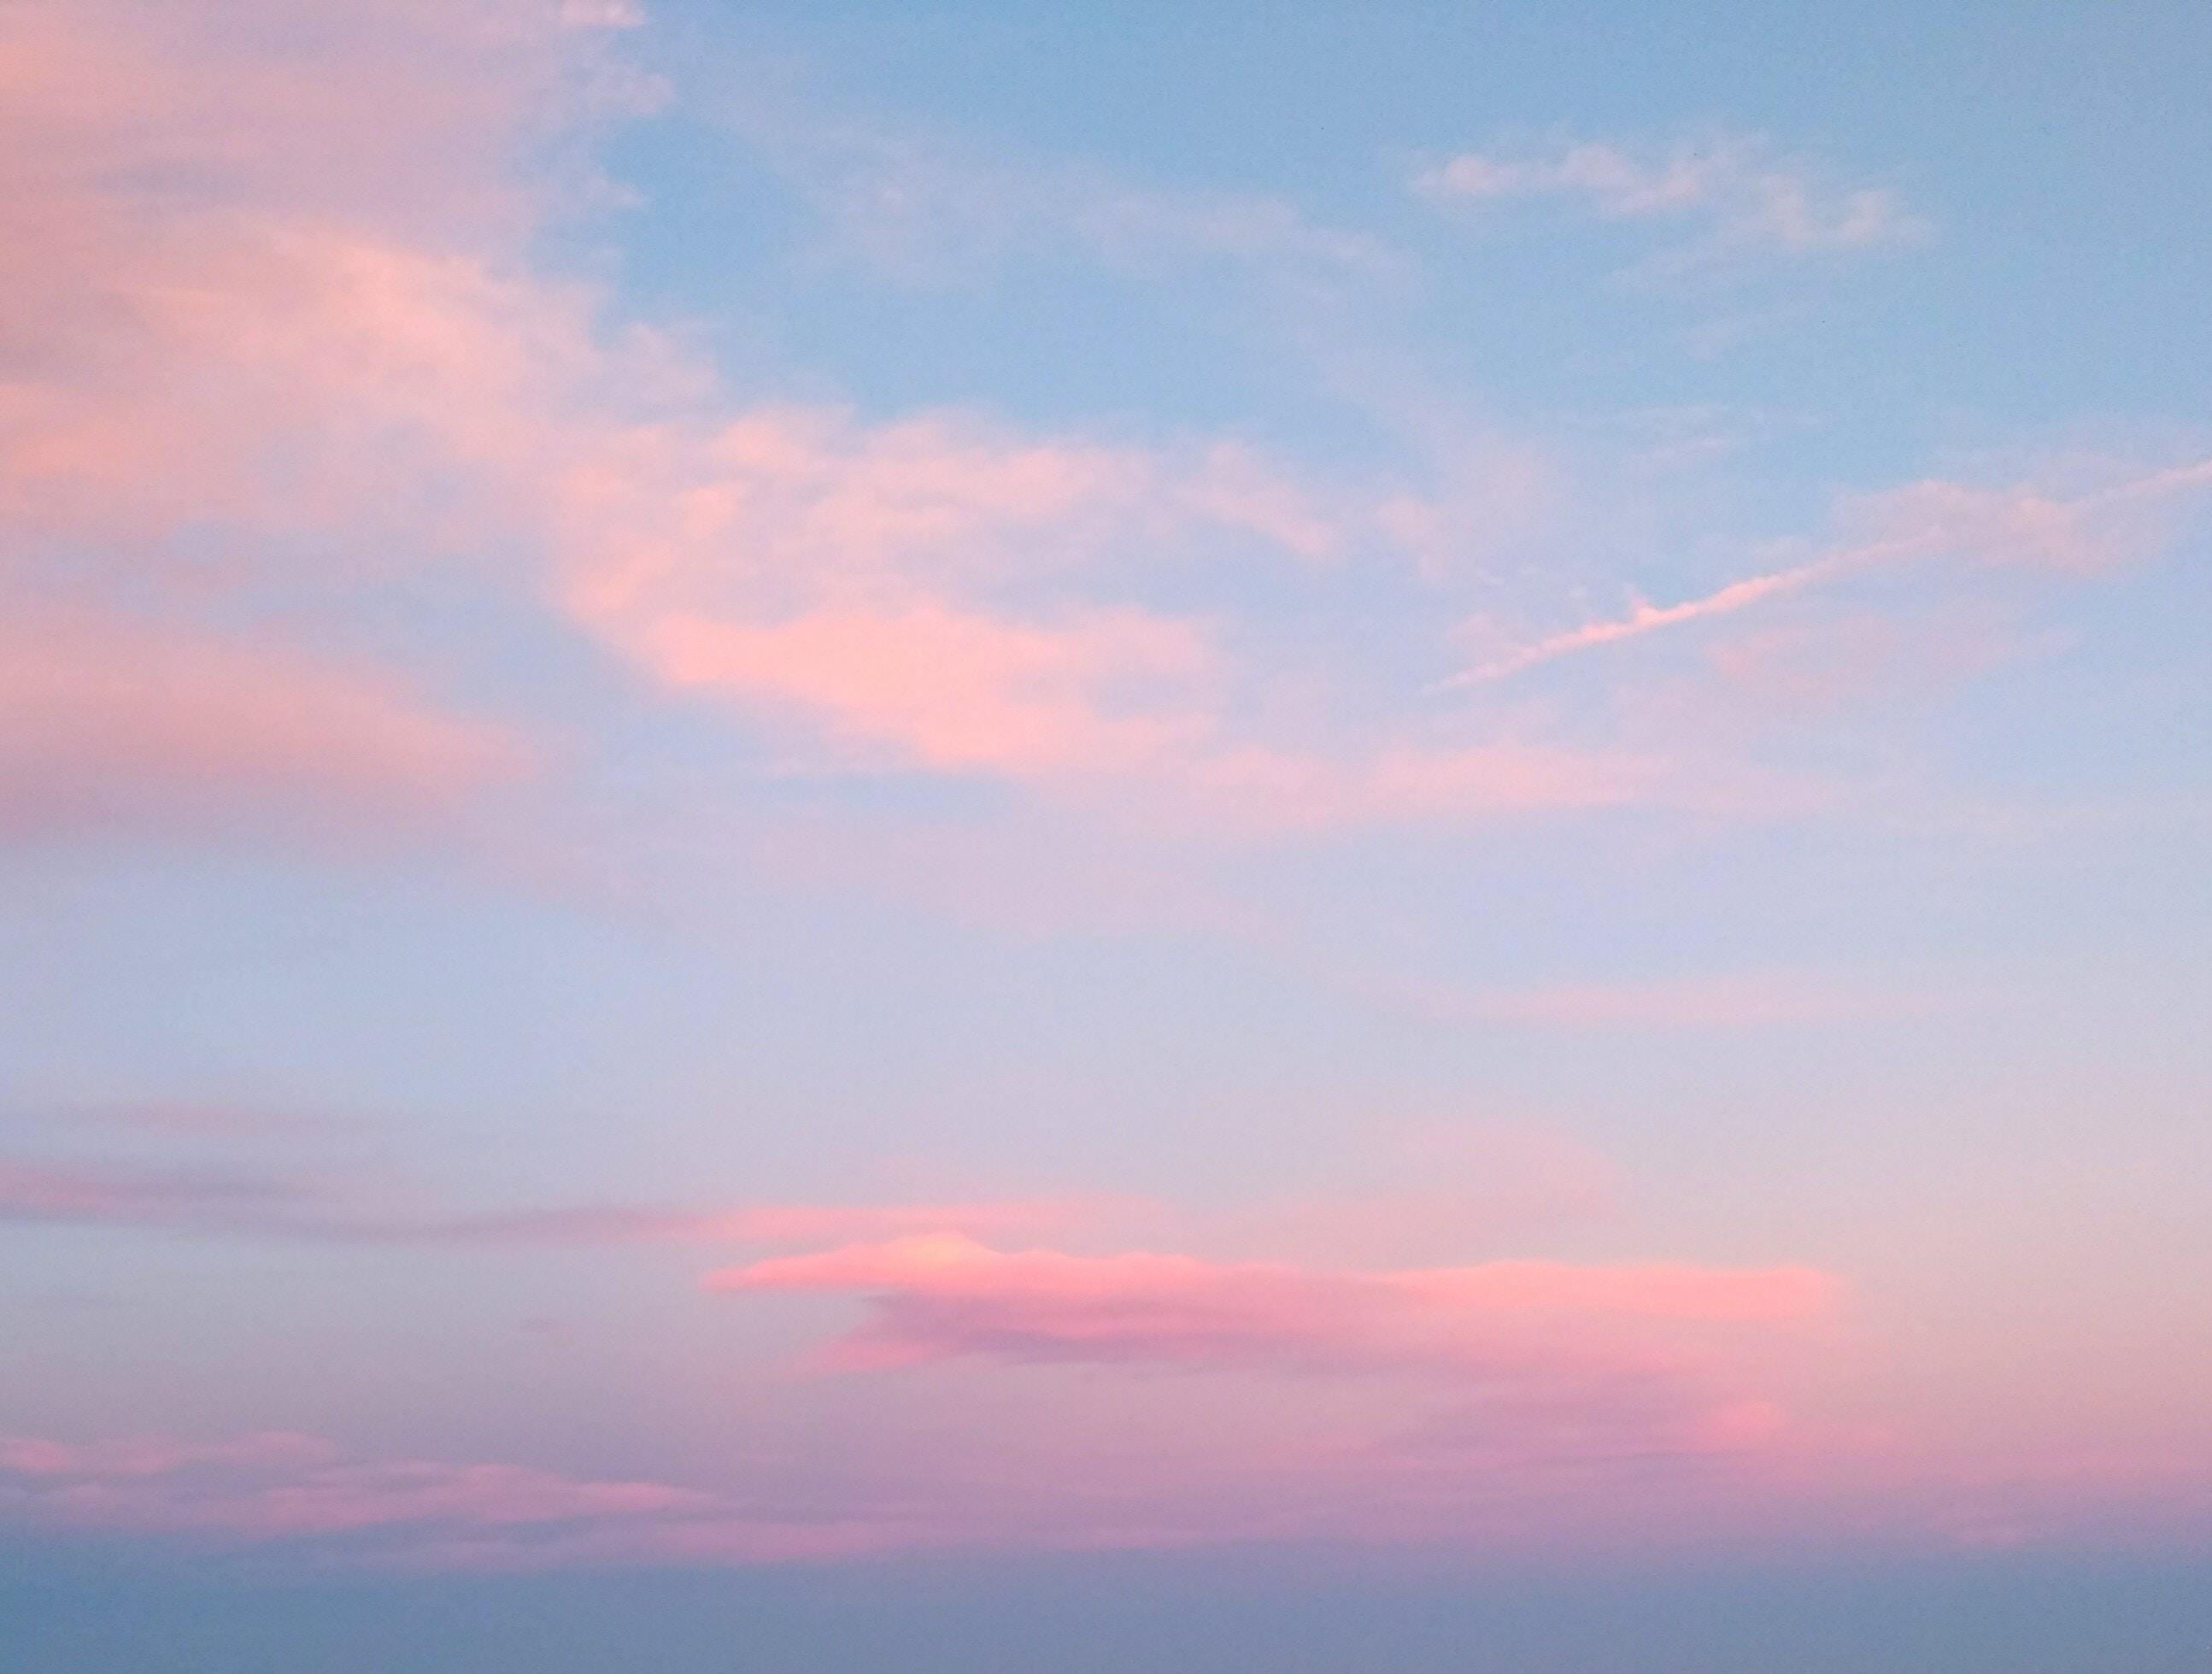 手相占いの土星丘について徹底解説 手相の土星丘の見方のポイントをまとめてみました